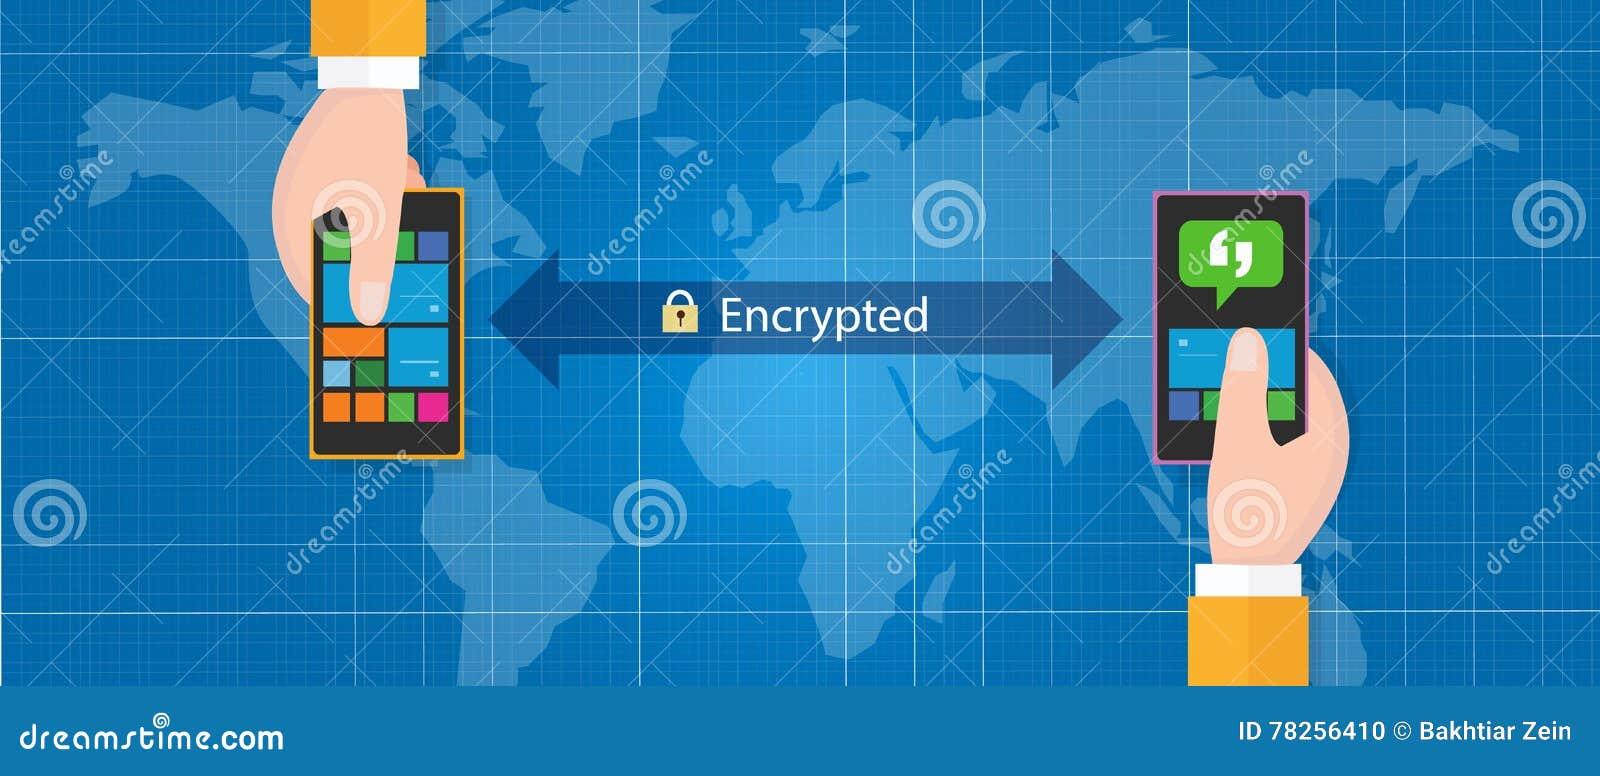 Κρυπτογραφημένη μηνυμάτων πλατφόρμα μηνύματος τηλεφωνικής κινητή ασφάλειας επικοινωνίας έξυπνη